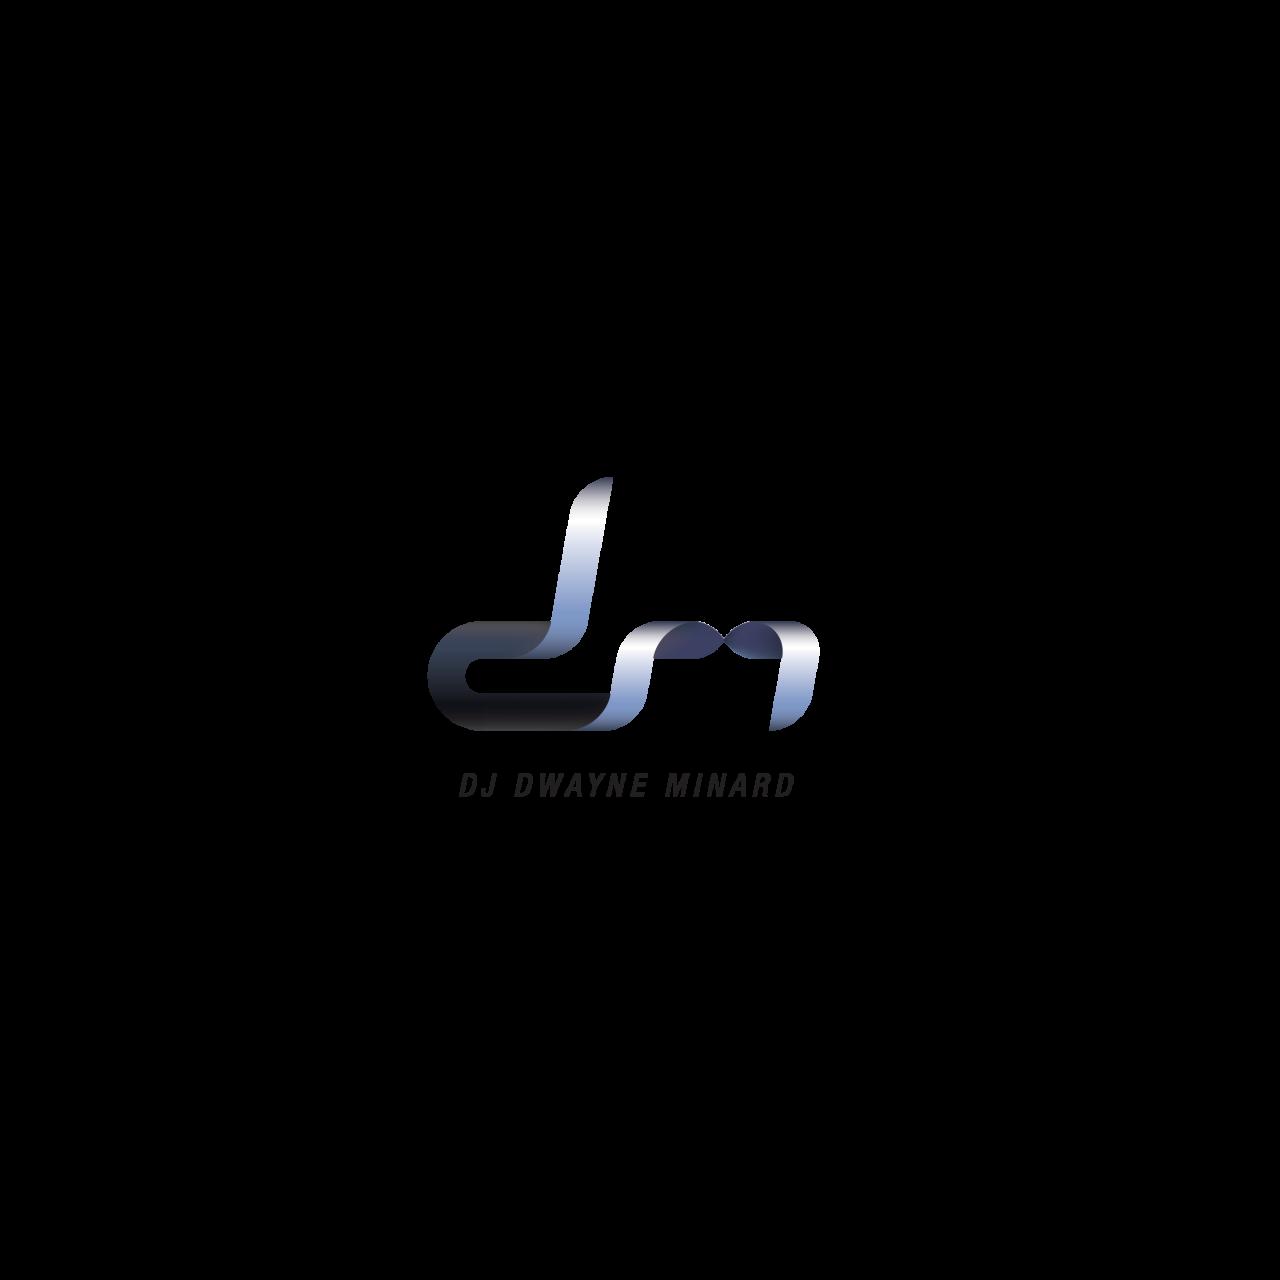 Image of Dwayne Minard logo